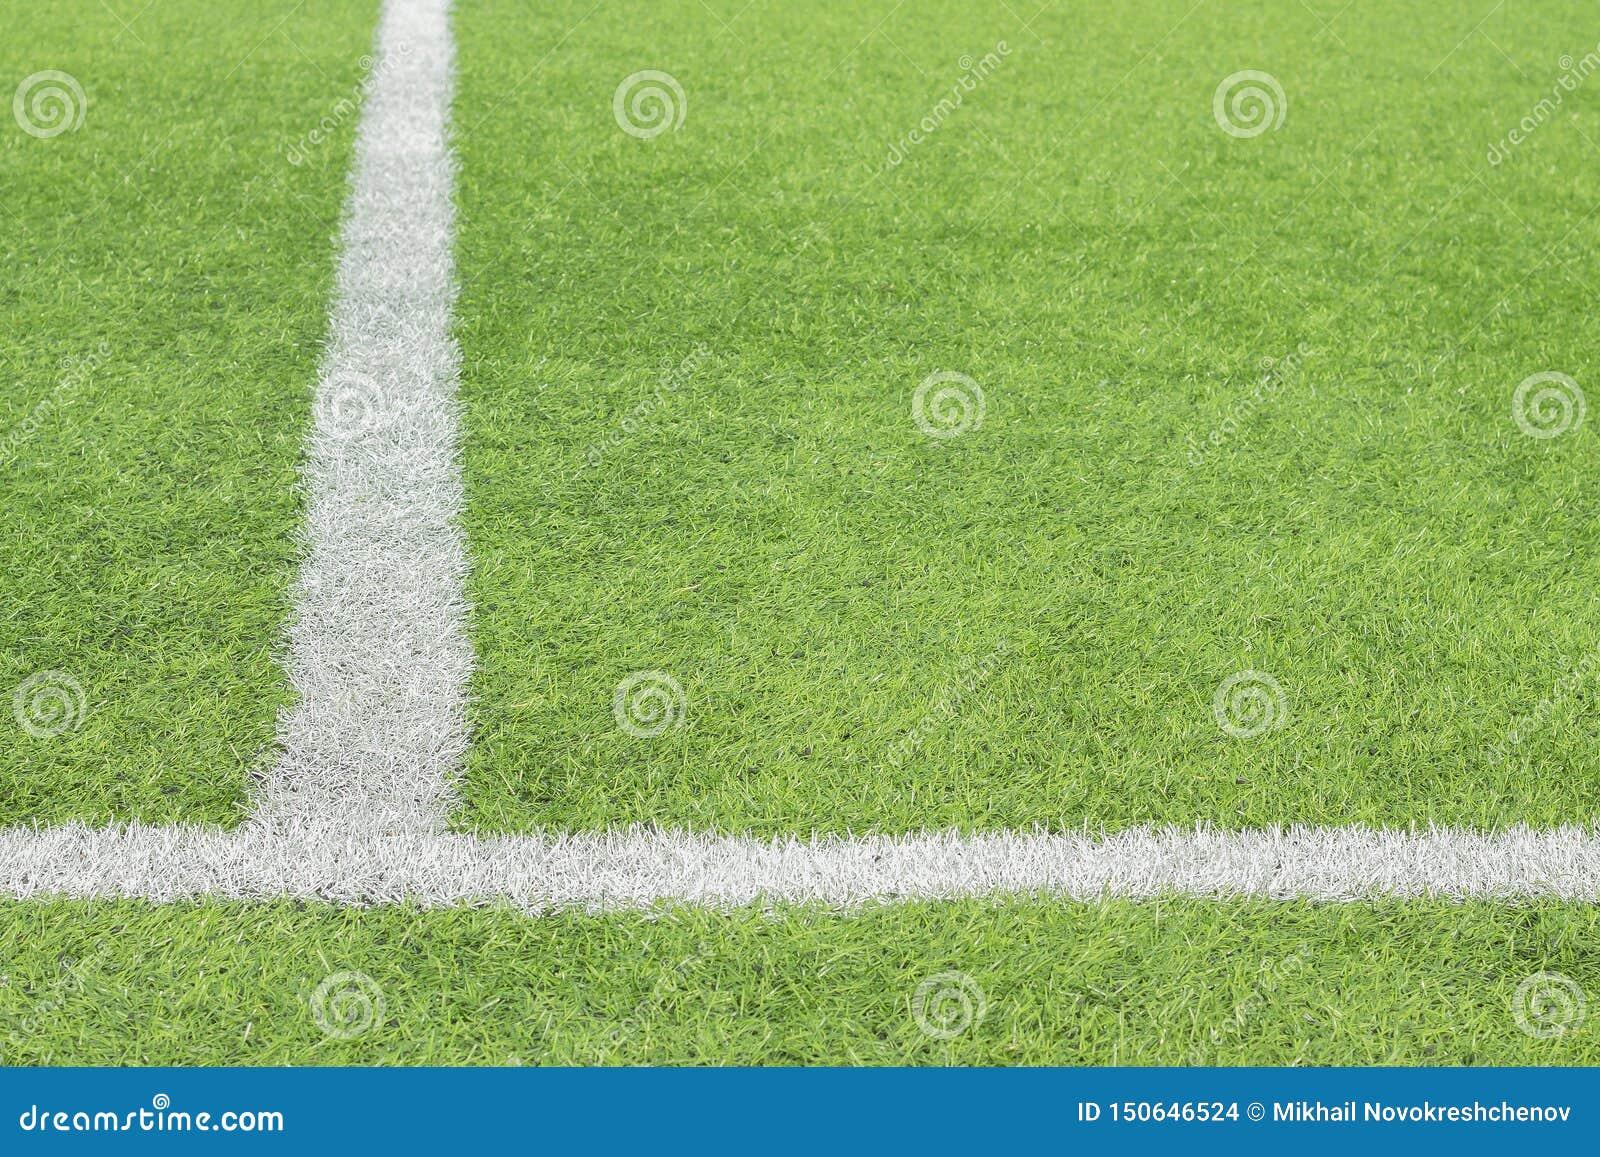 Отмечать белая краска на зеленой траве футбольного поля